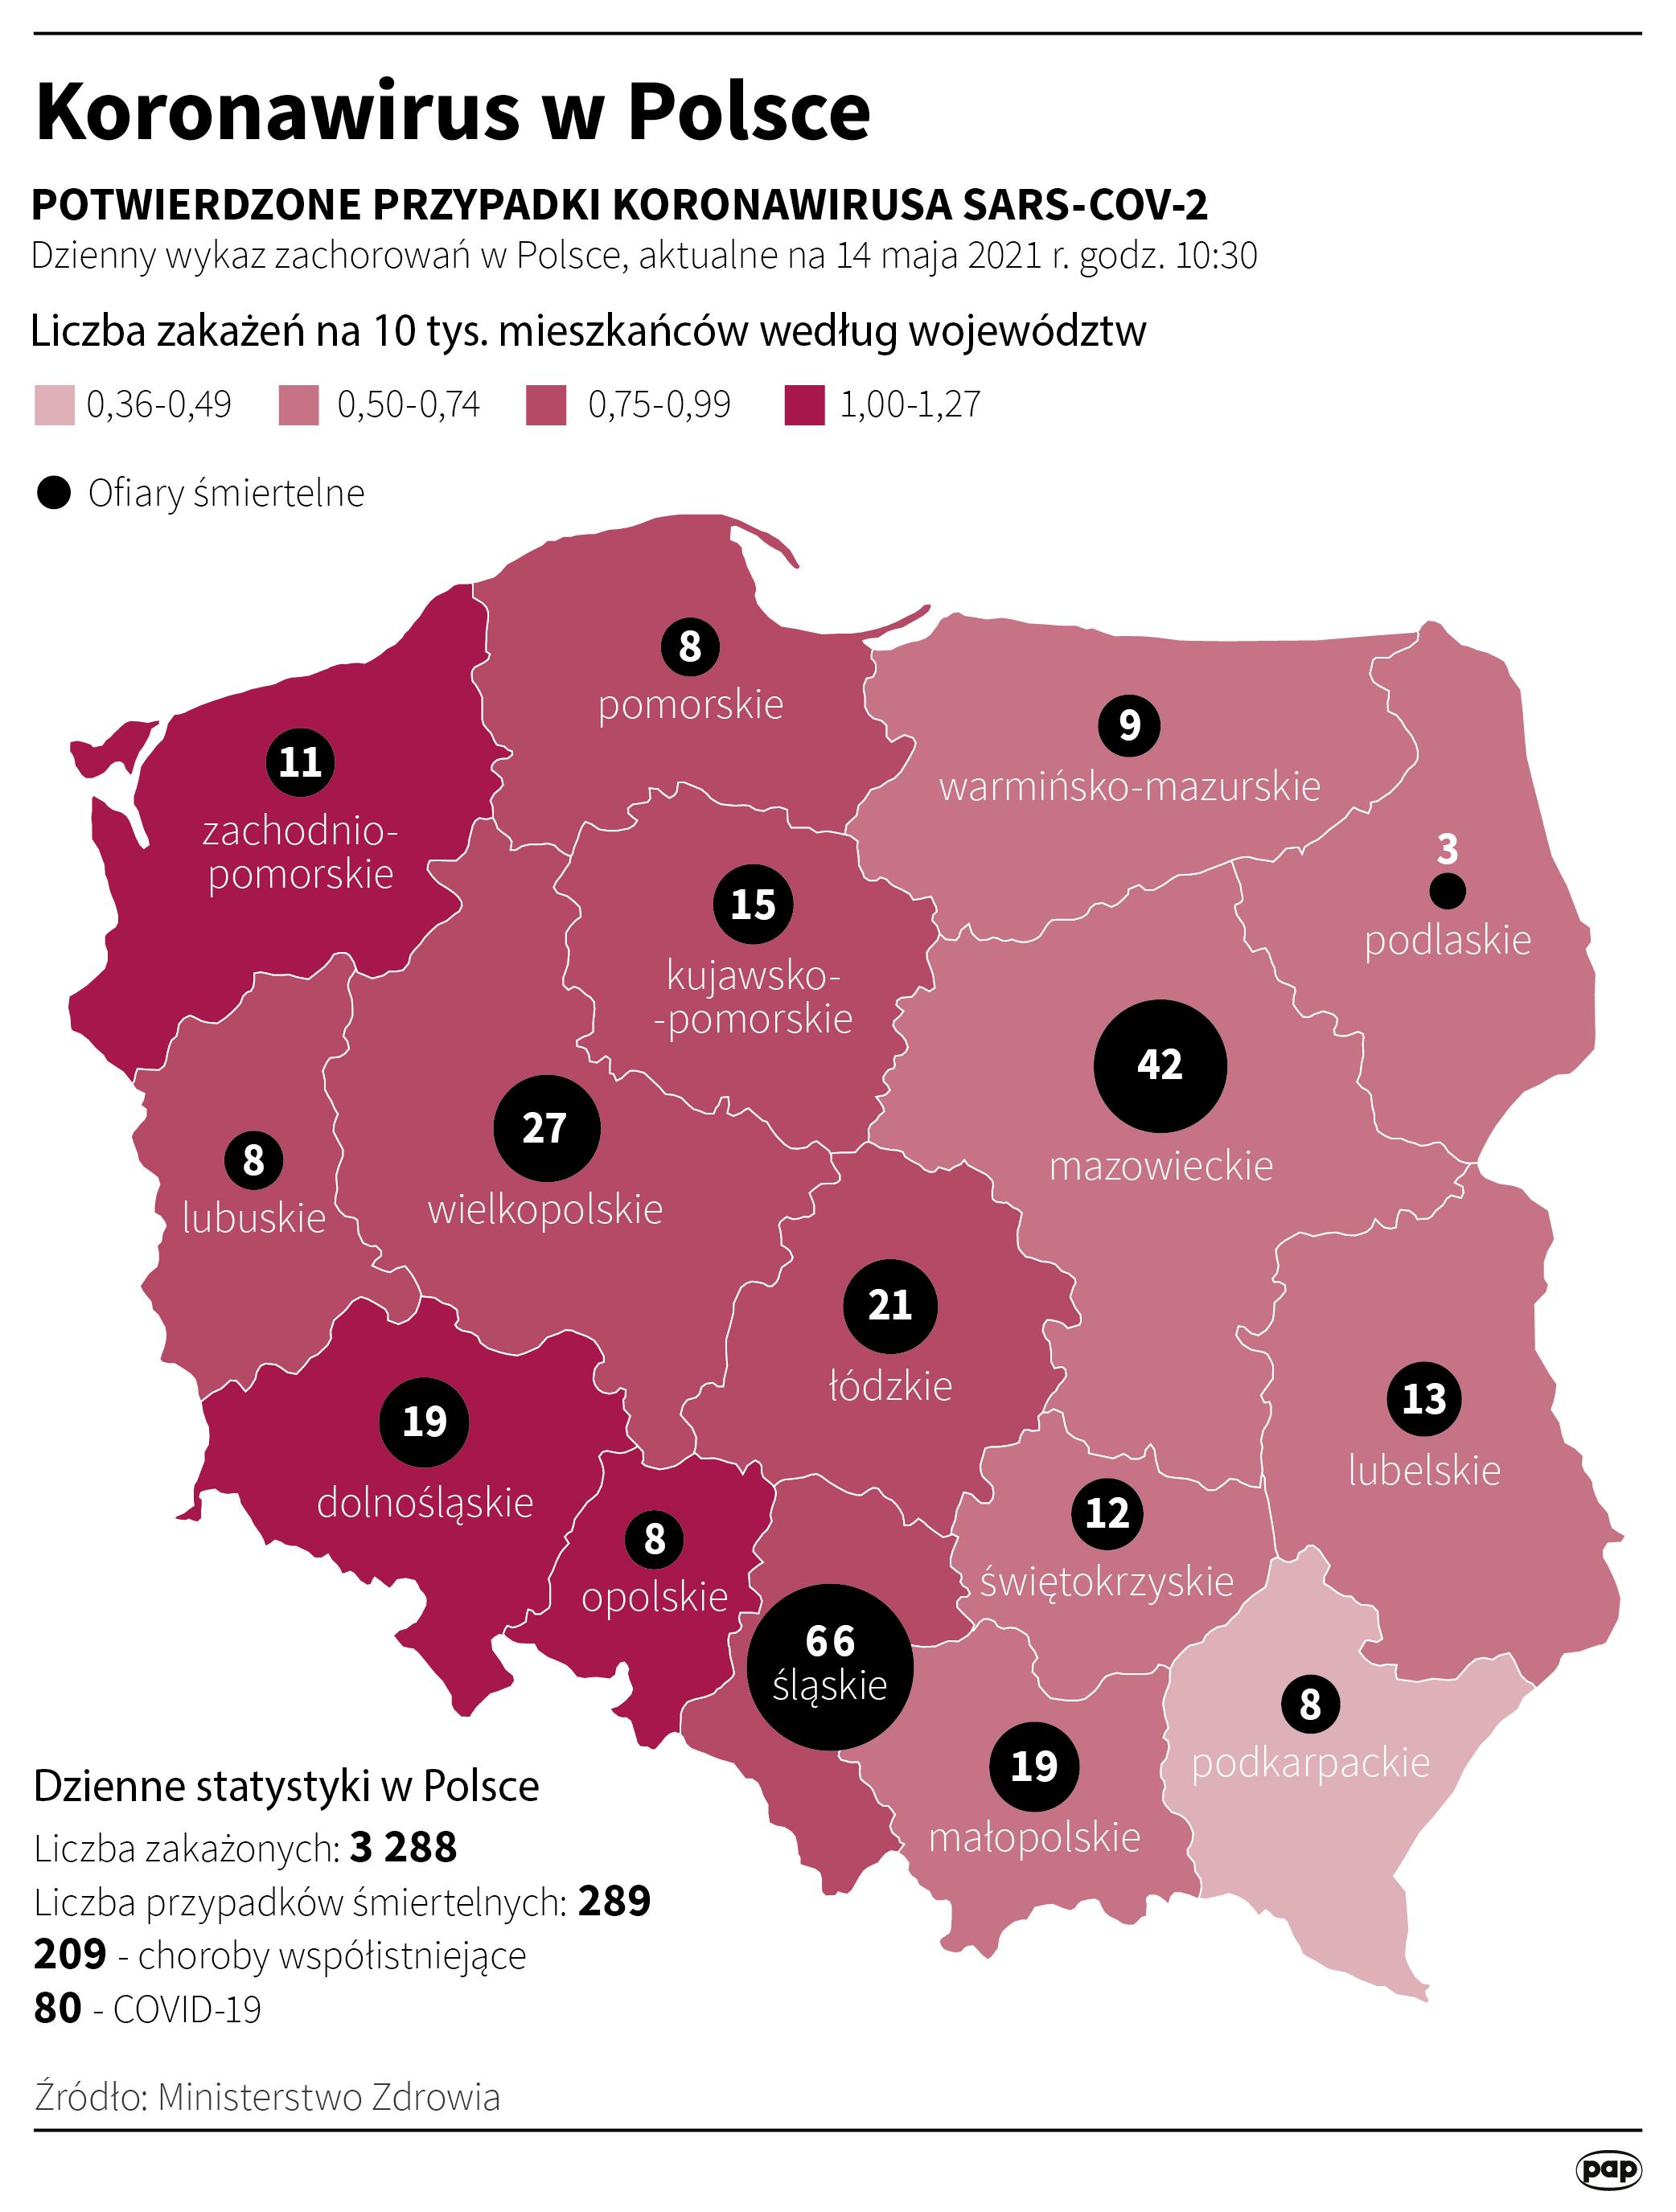 Koronawirus w Polsce - stan na 14 maja [Autor: Maciej Zieliński, źródło: PAP]